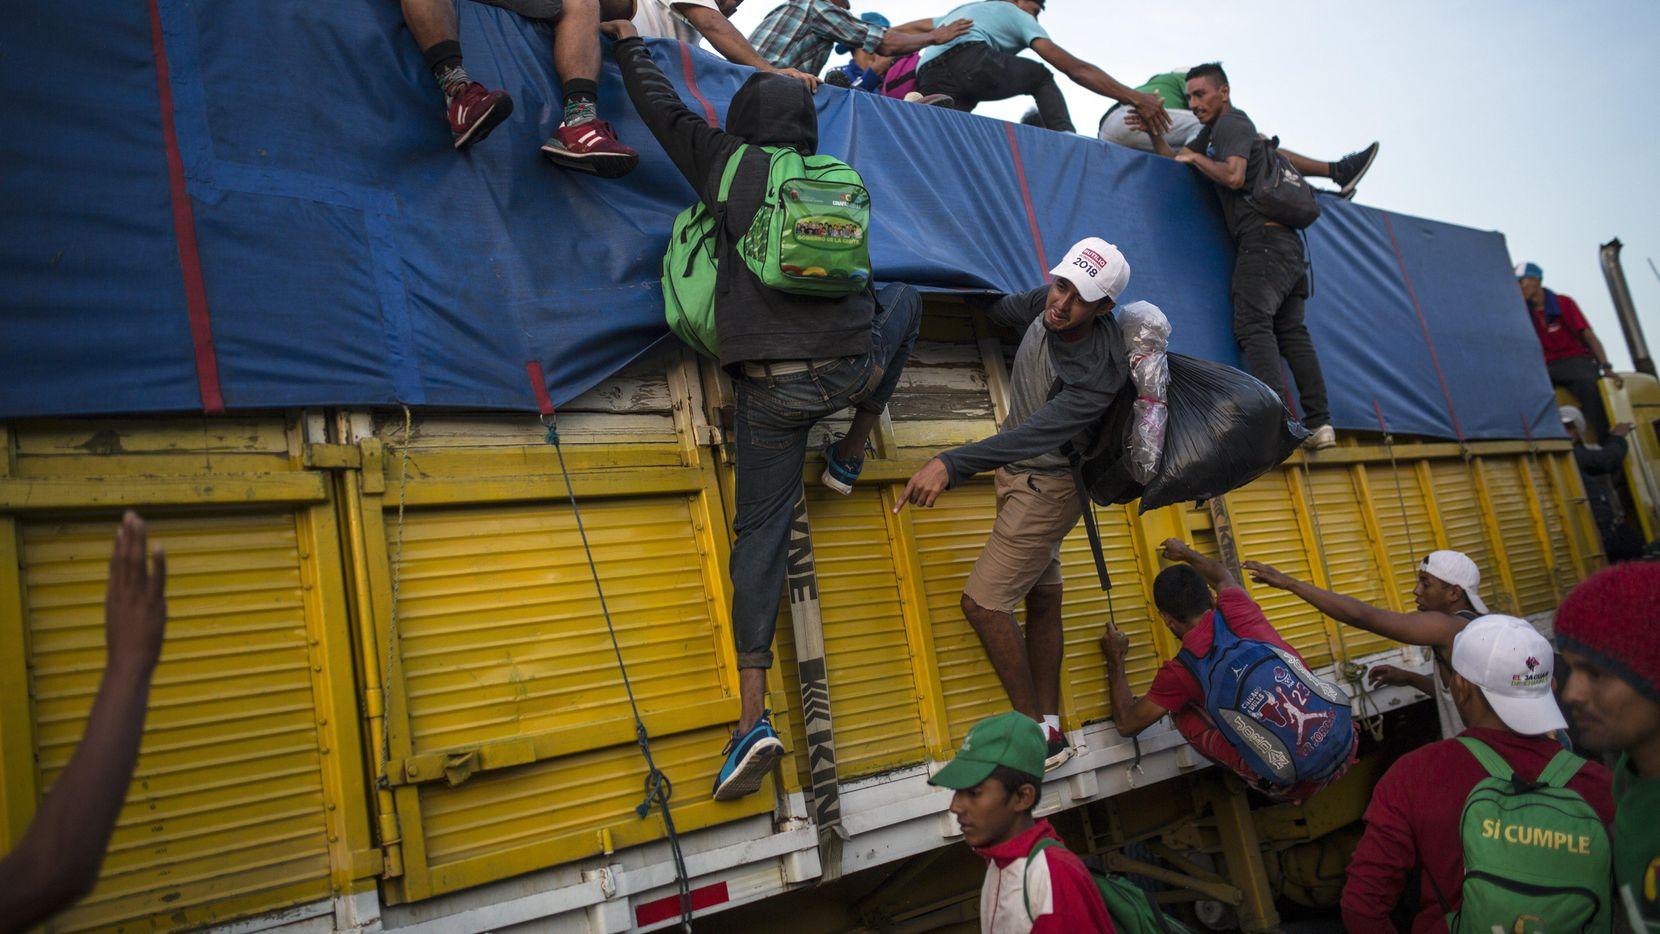 Migrantes trepan un caminón de transporte en Tatanatepec, en Oaxaca, en su trayecto al norte de México. (AP/Rodrigo Abd)